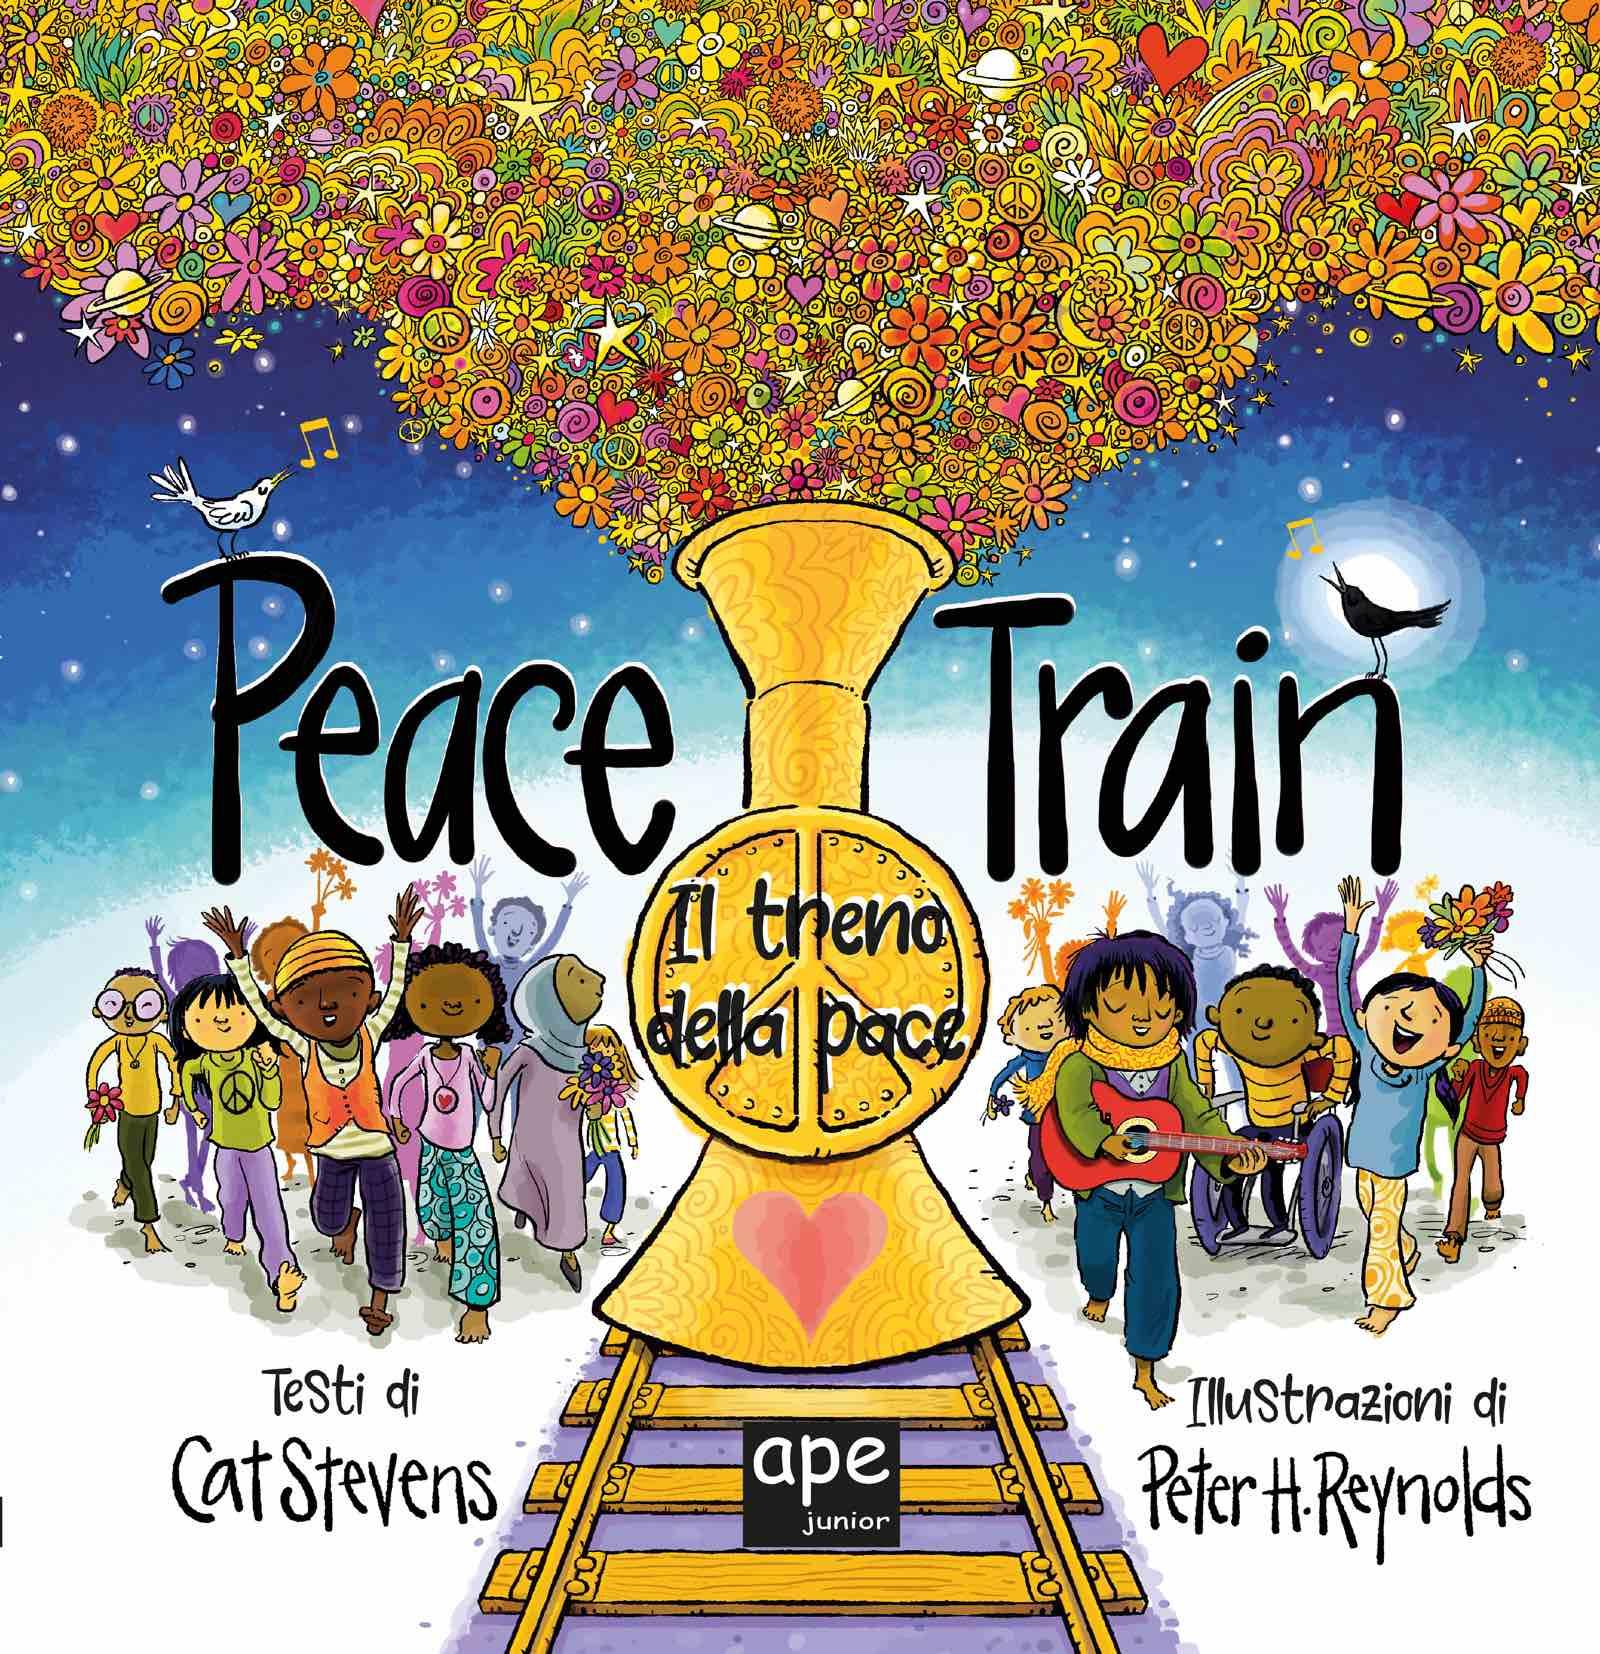 CAT STEVENS - 50 anni di Peace Train, ora un libro illustrato da Peter Reynolds dal 14 ottobre